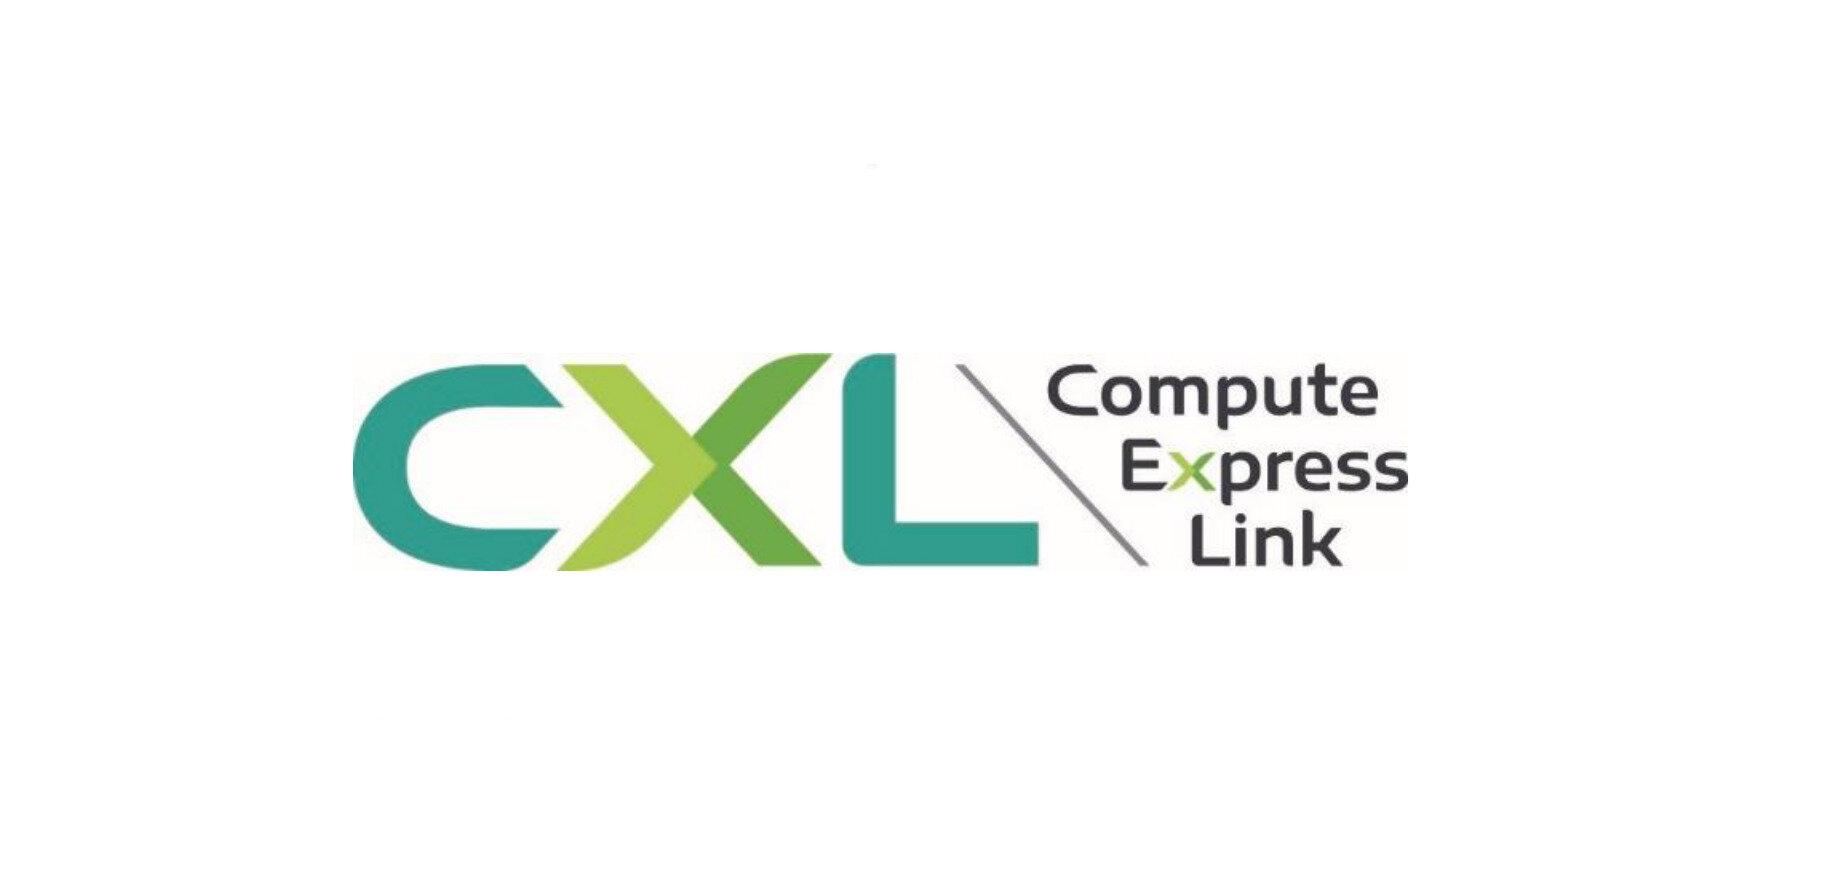 Les consortiums Compute Express Link (CXL) et Gen-Z trouvent un terrain d'entente